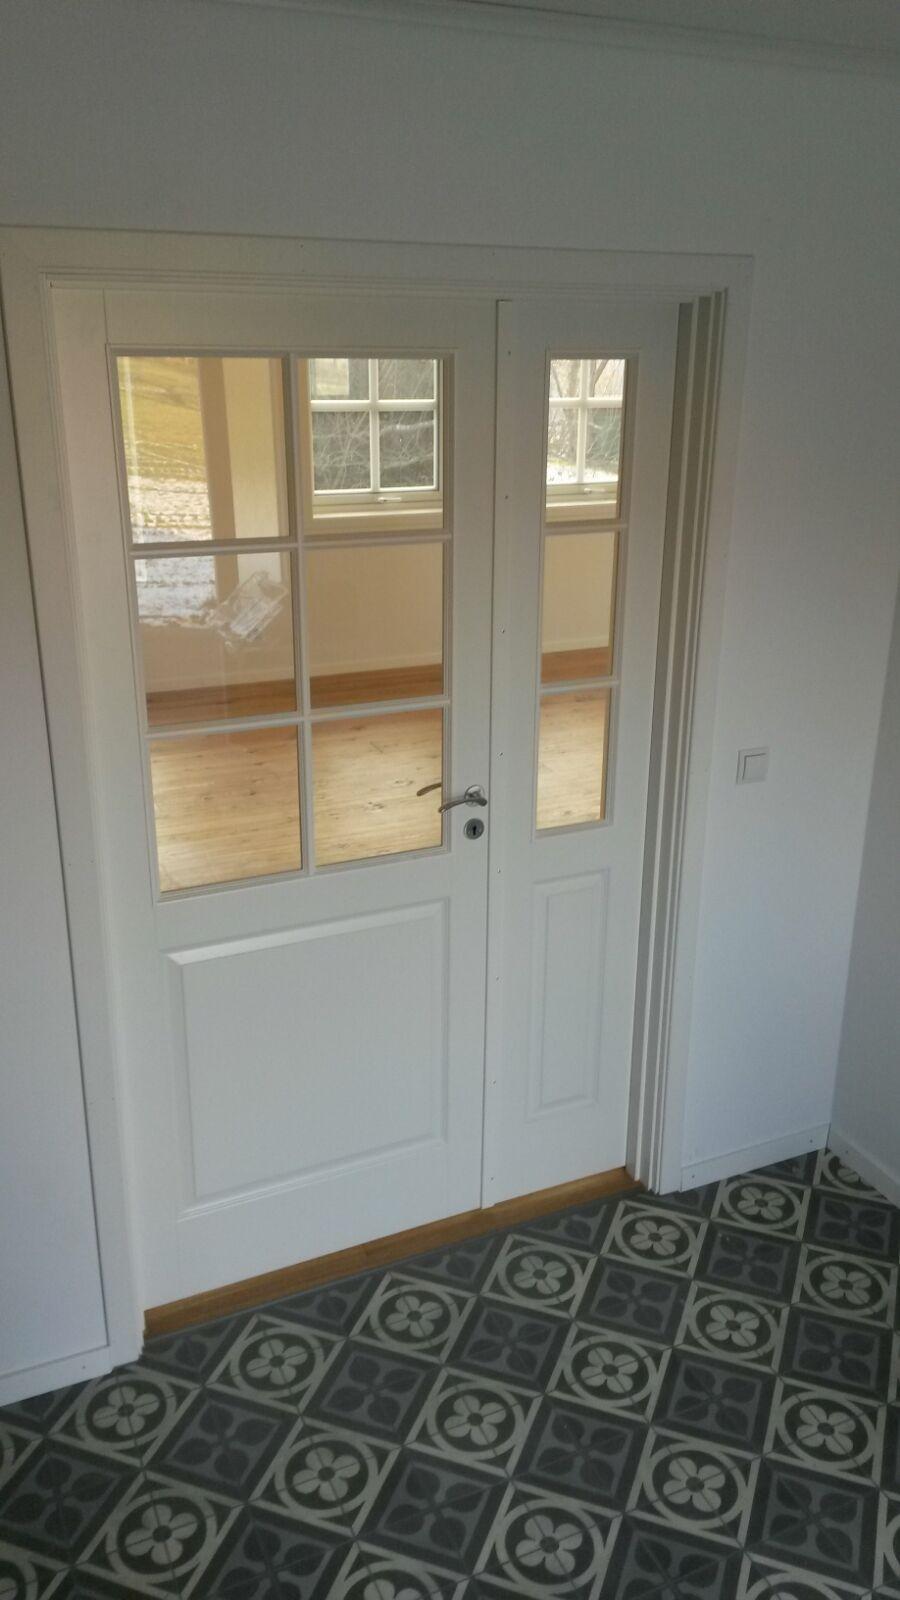 amazing einfache dekoration und mobel luftiges ambiente mit weisslack zimmertueren #1: Weiße Innentüren, stilecht mit Schwellen aus Eiche, unterstreichen gekonnt  den skandinavischen Landhausflair. Baubüro